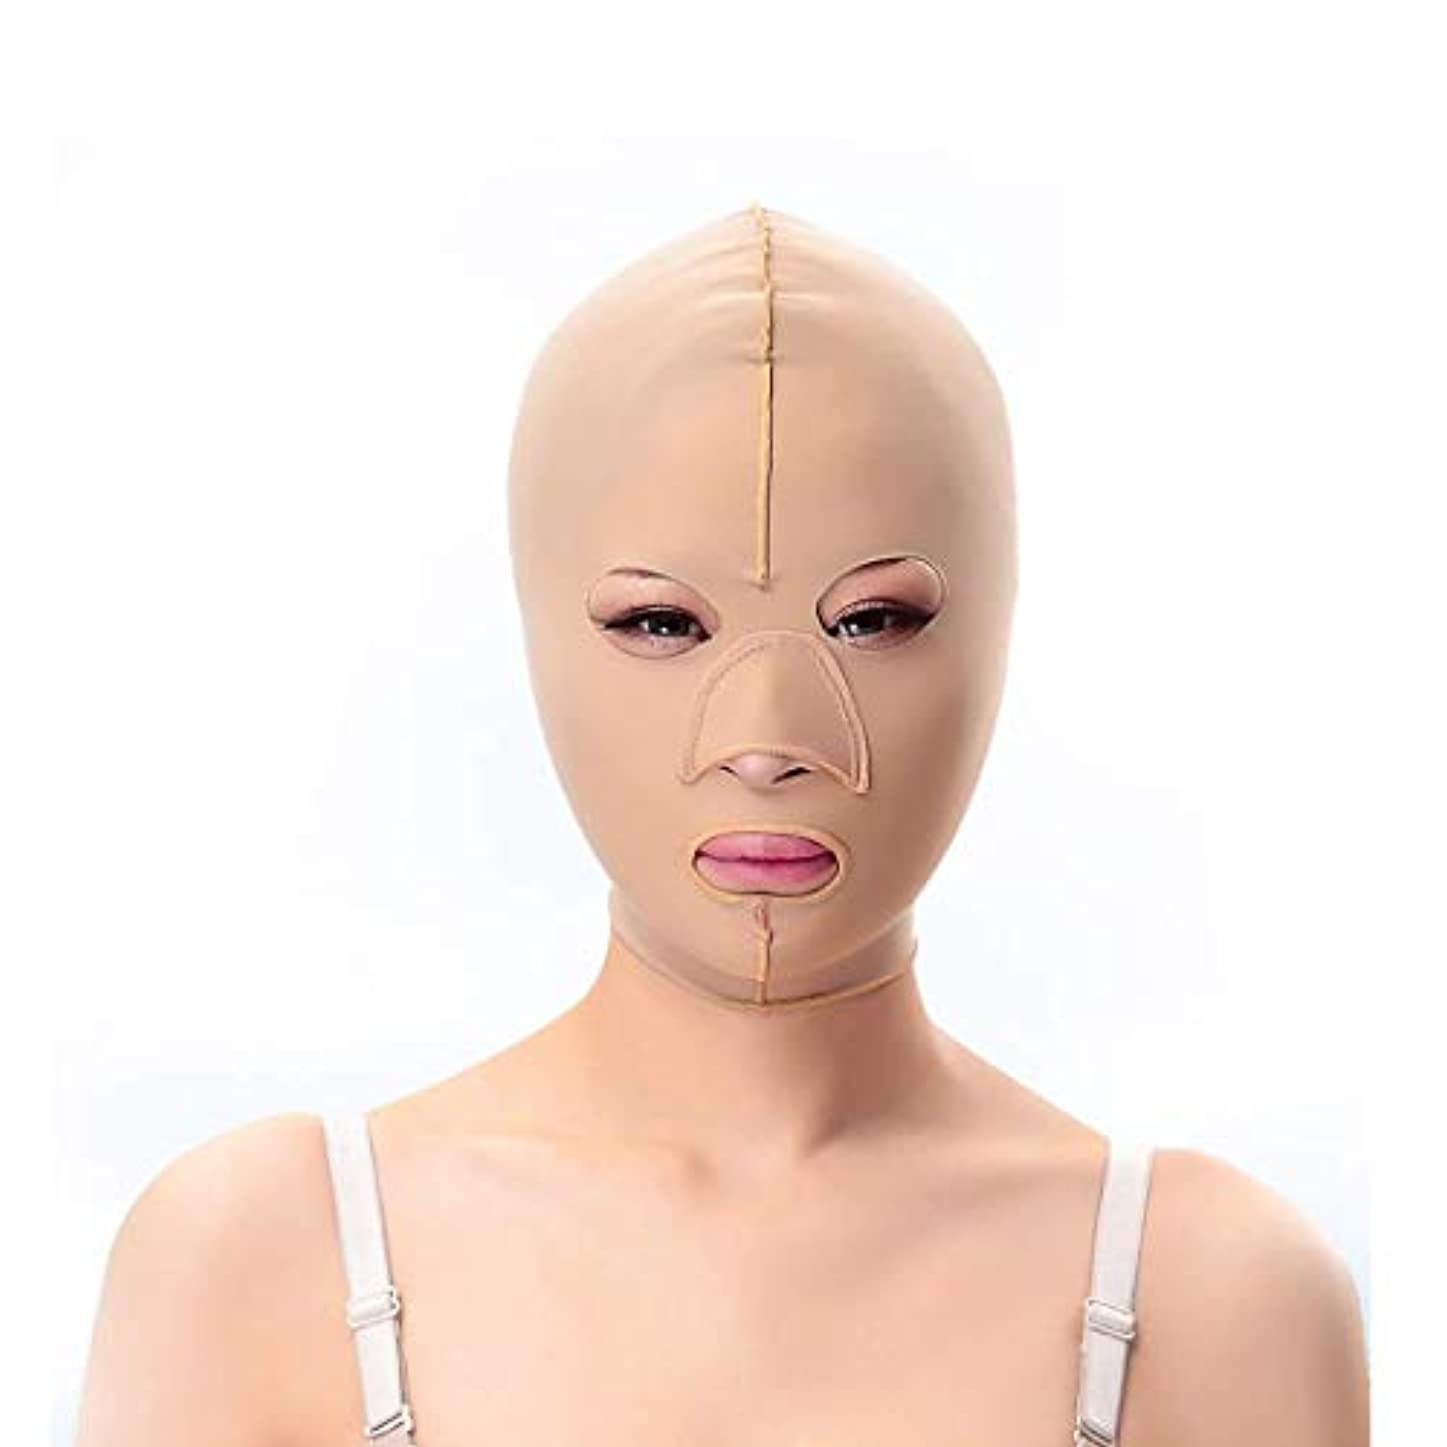 二度プレゼント誤解を招くスリミングベルト、二重あごの引き締め顔のプラスチックフェイスアーティファクト強力なフェイス包帯を脇に持ち上げるパターンを欺くためのフェイシャルマスクシンフェイスマスク(サイズ:L),S